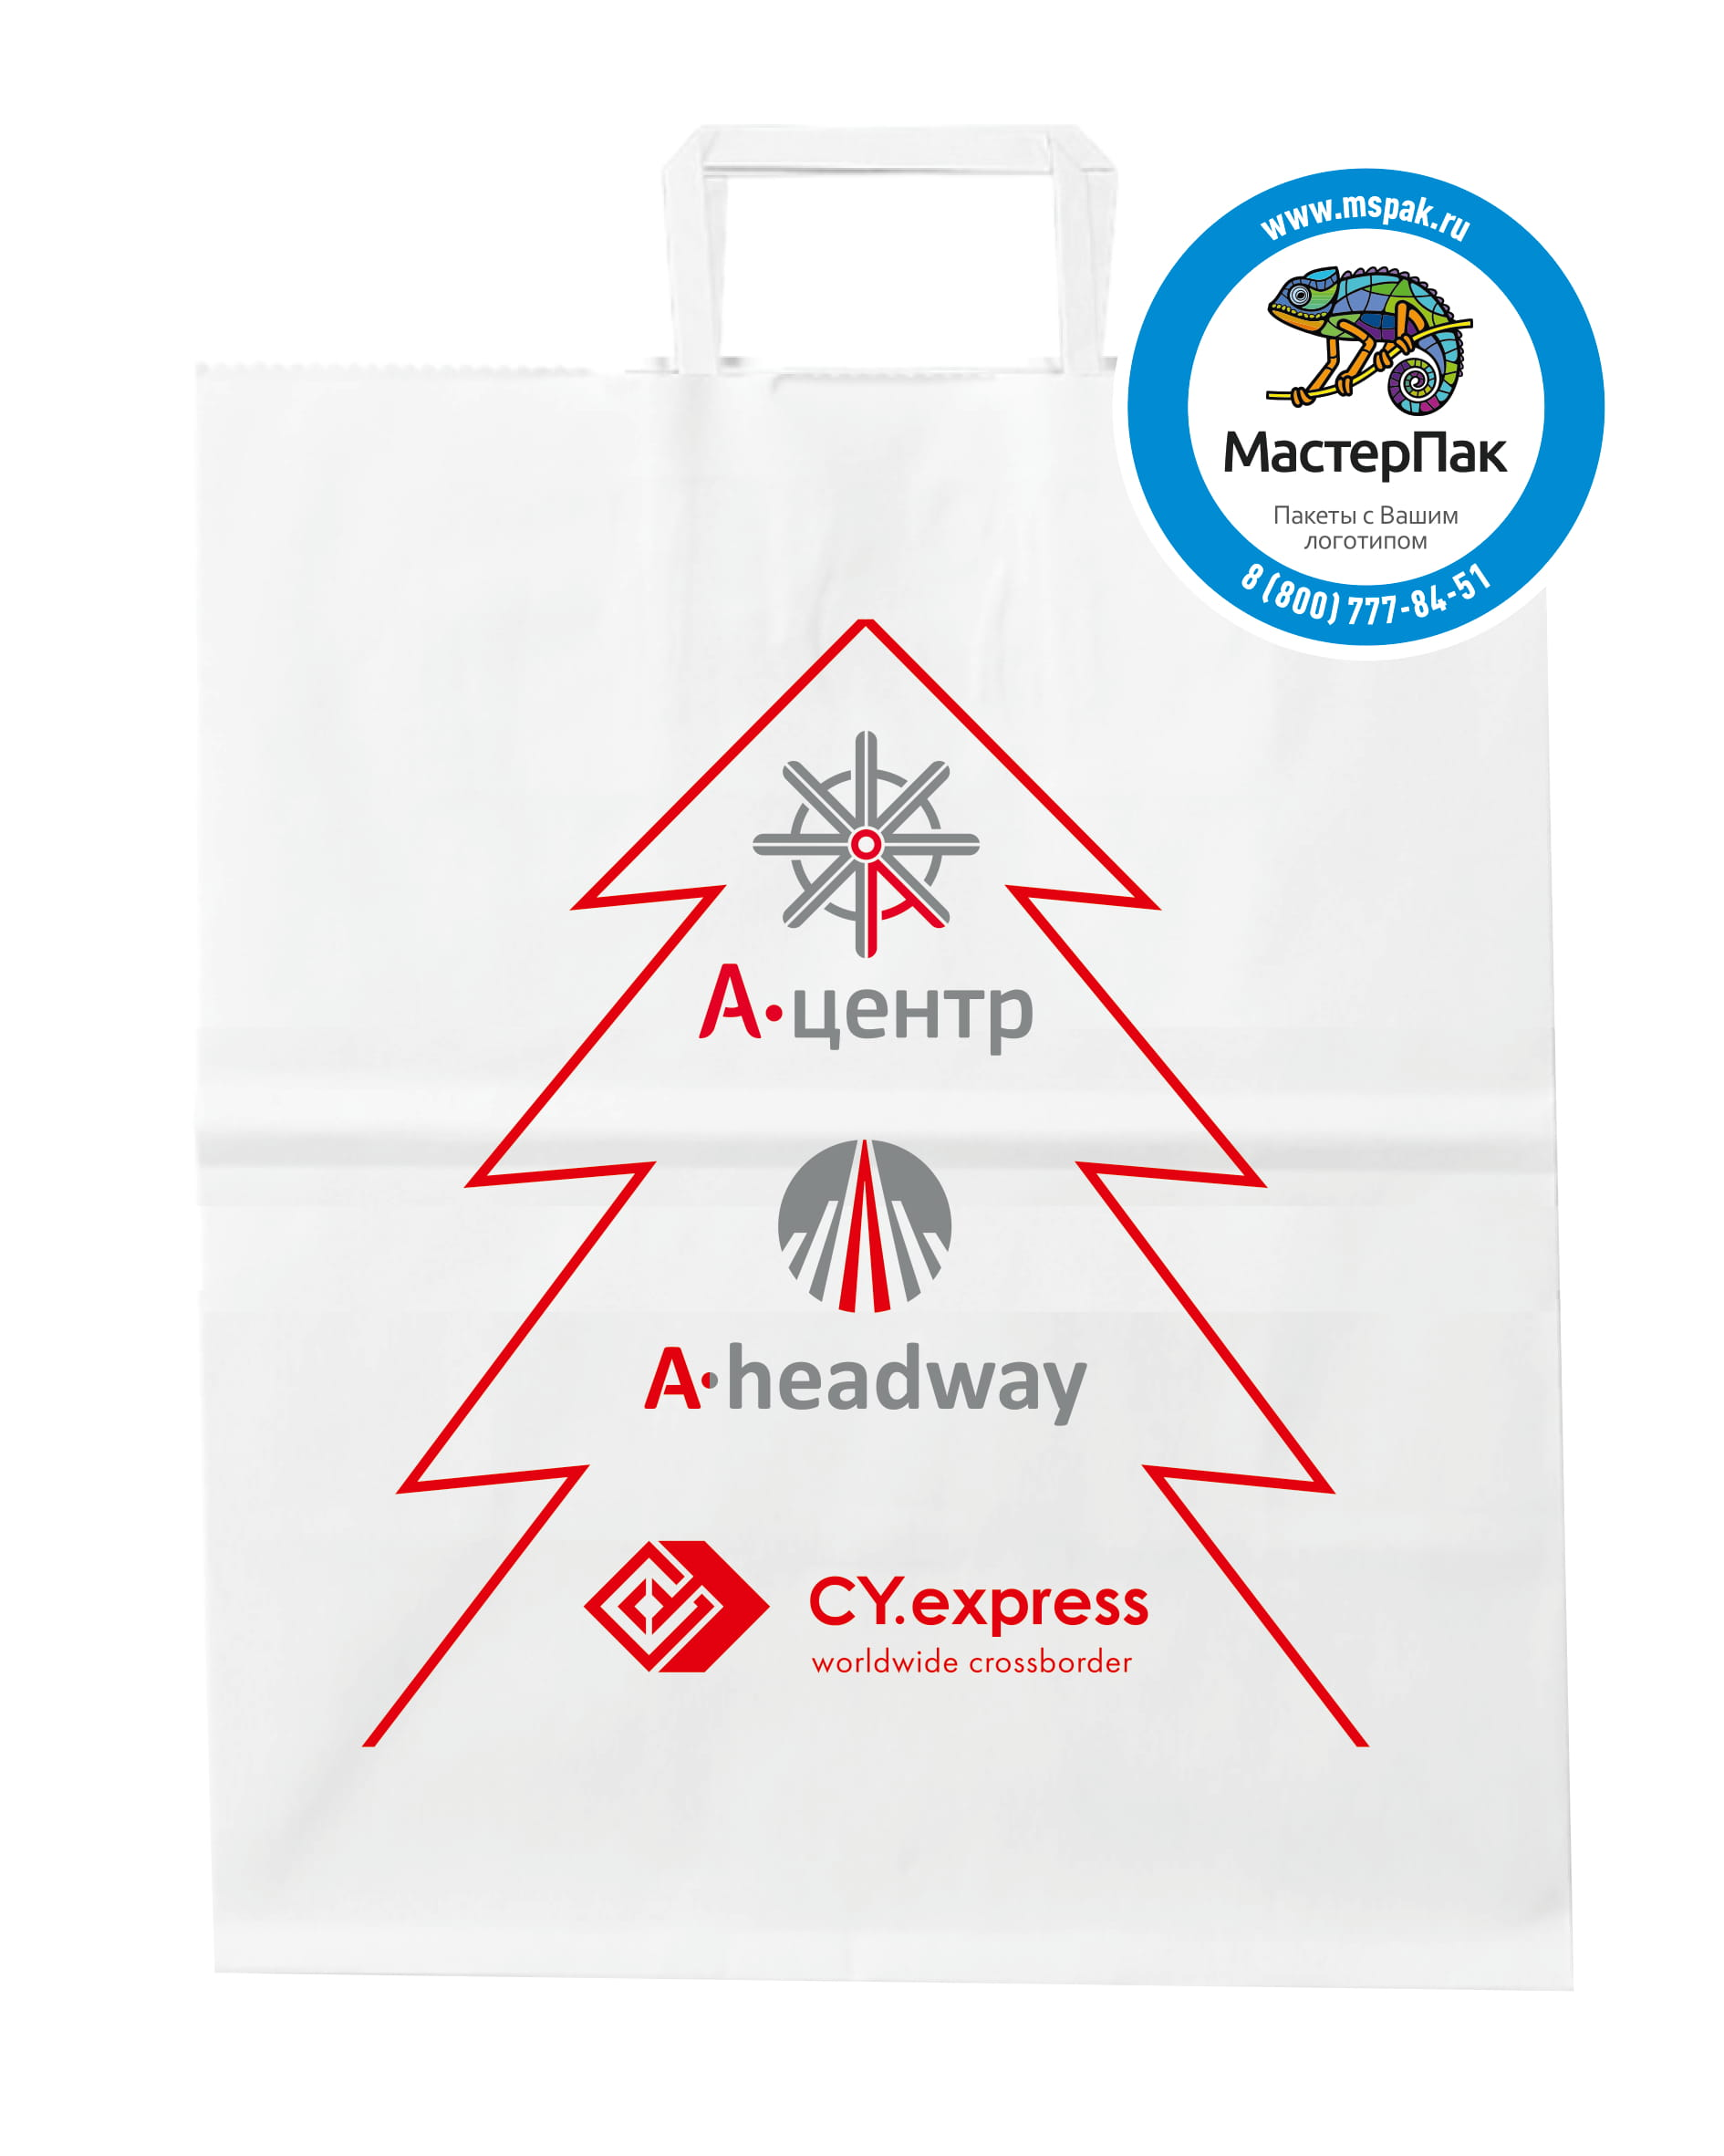 Пакет бумажный с логотипом А-Центр, Москва, 24*28 см